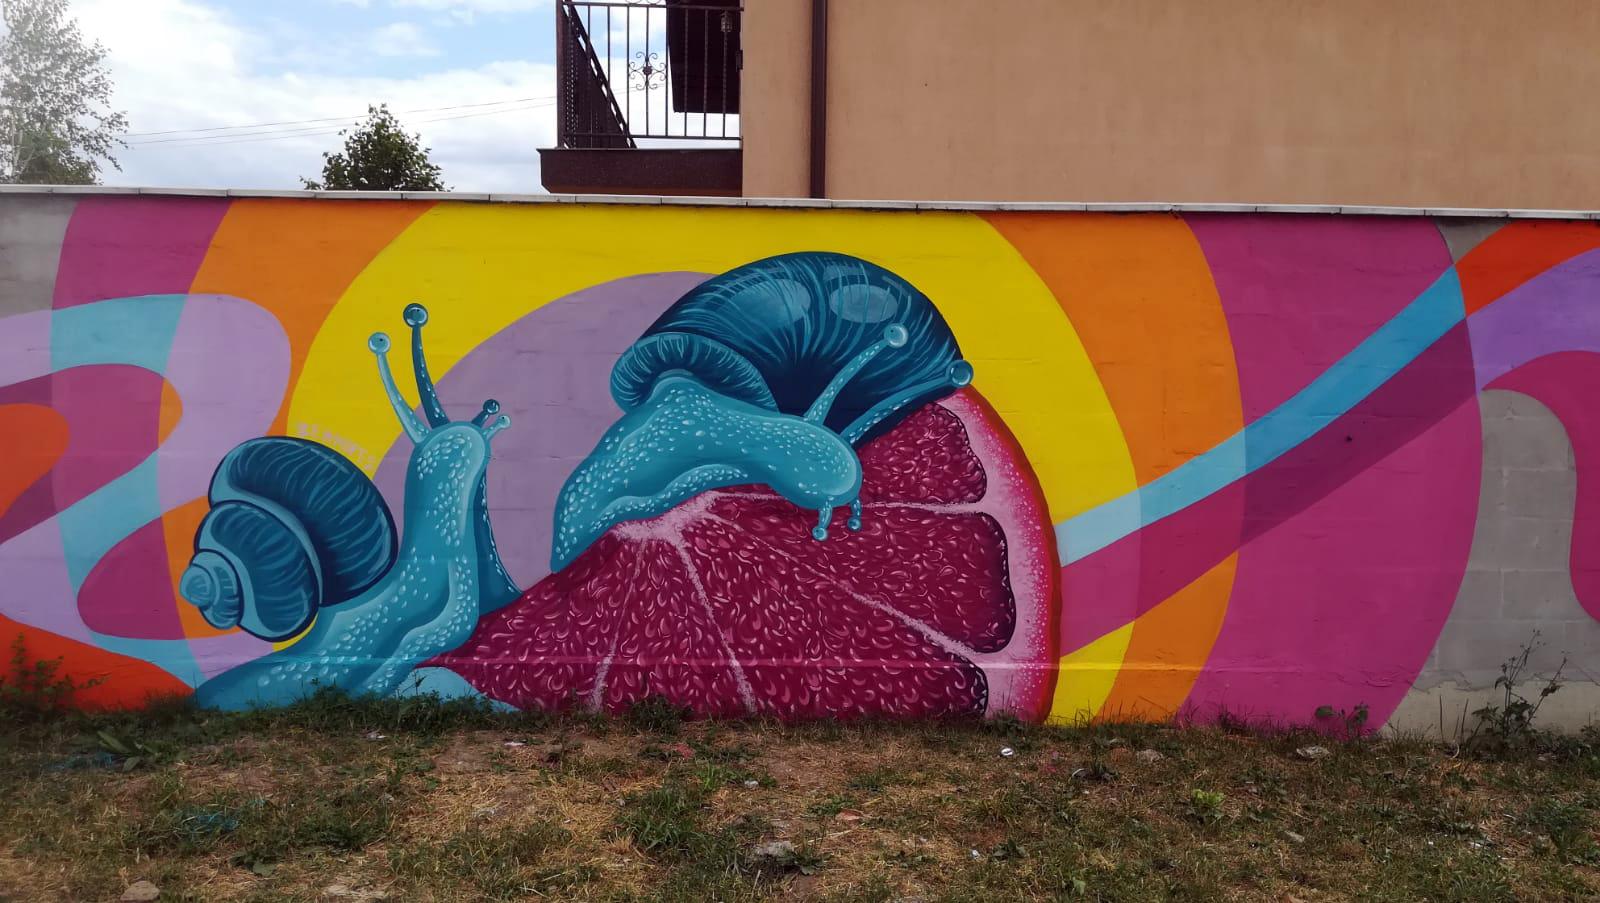 Bea Hopes / 2020  Caravana de Artă Urbană, Artipic association